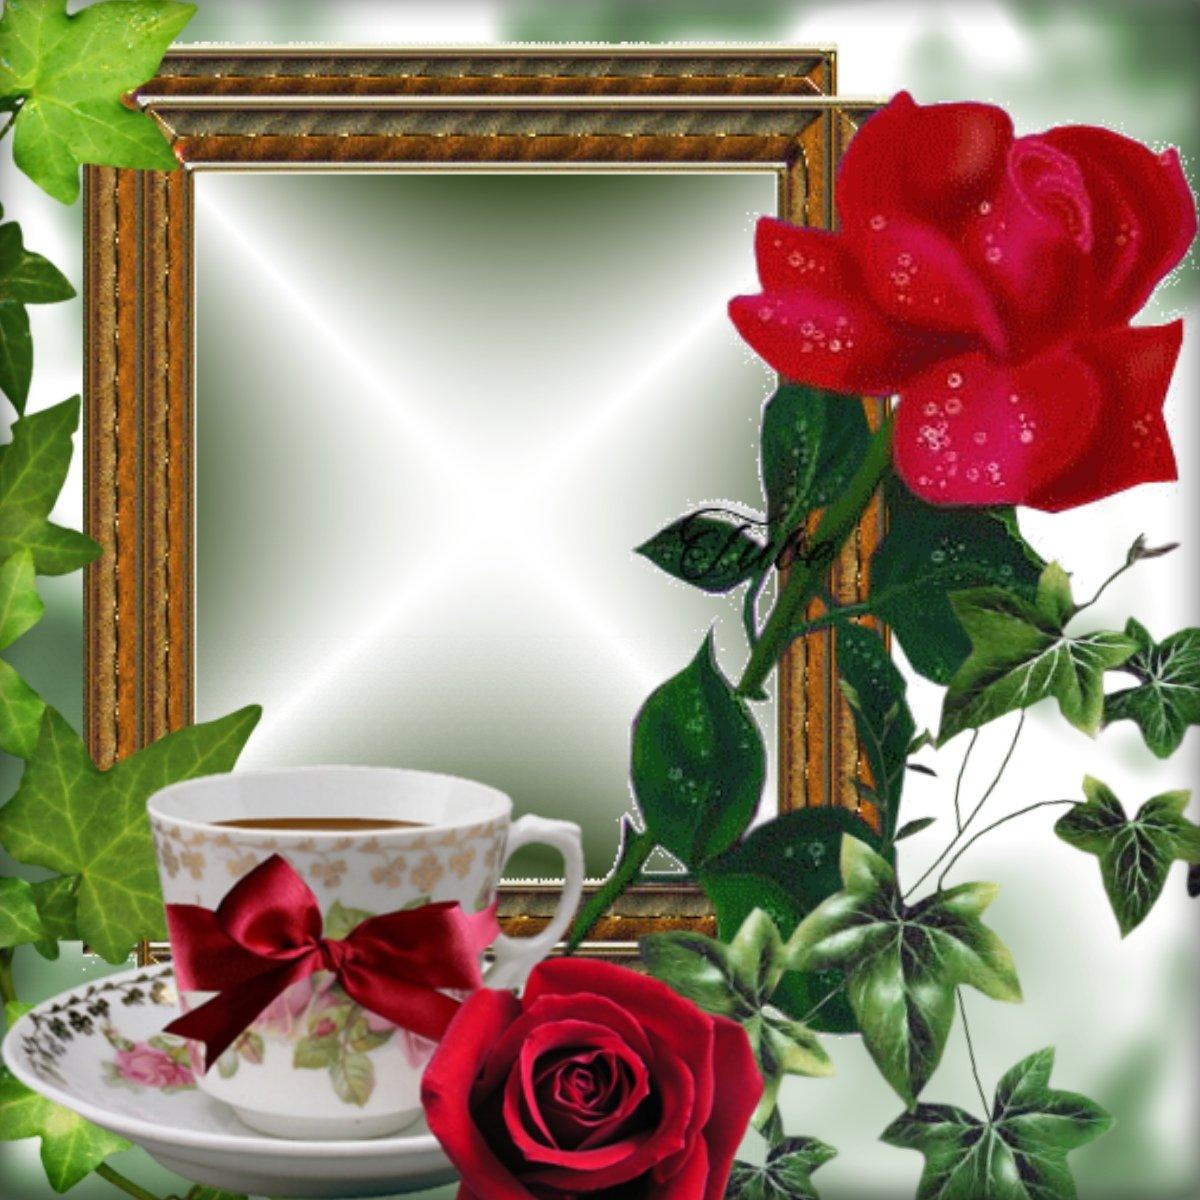 Приятного воскресного дня открытки красивые, картинки девушек